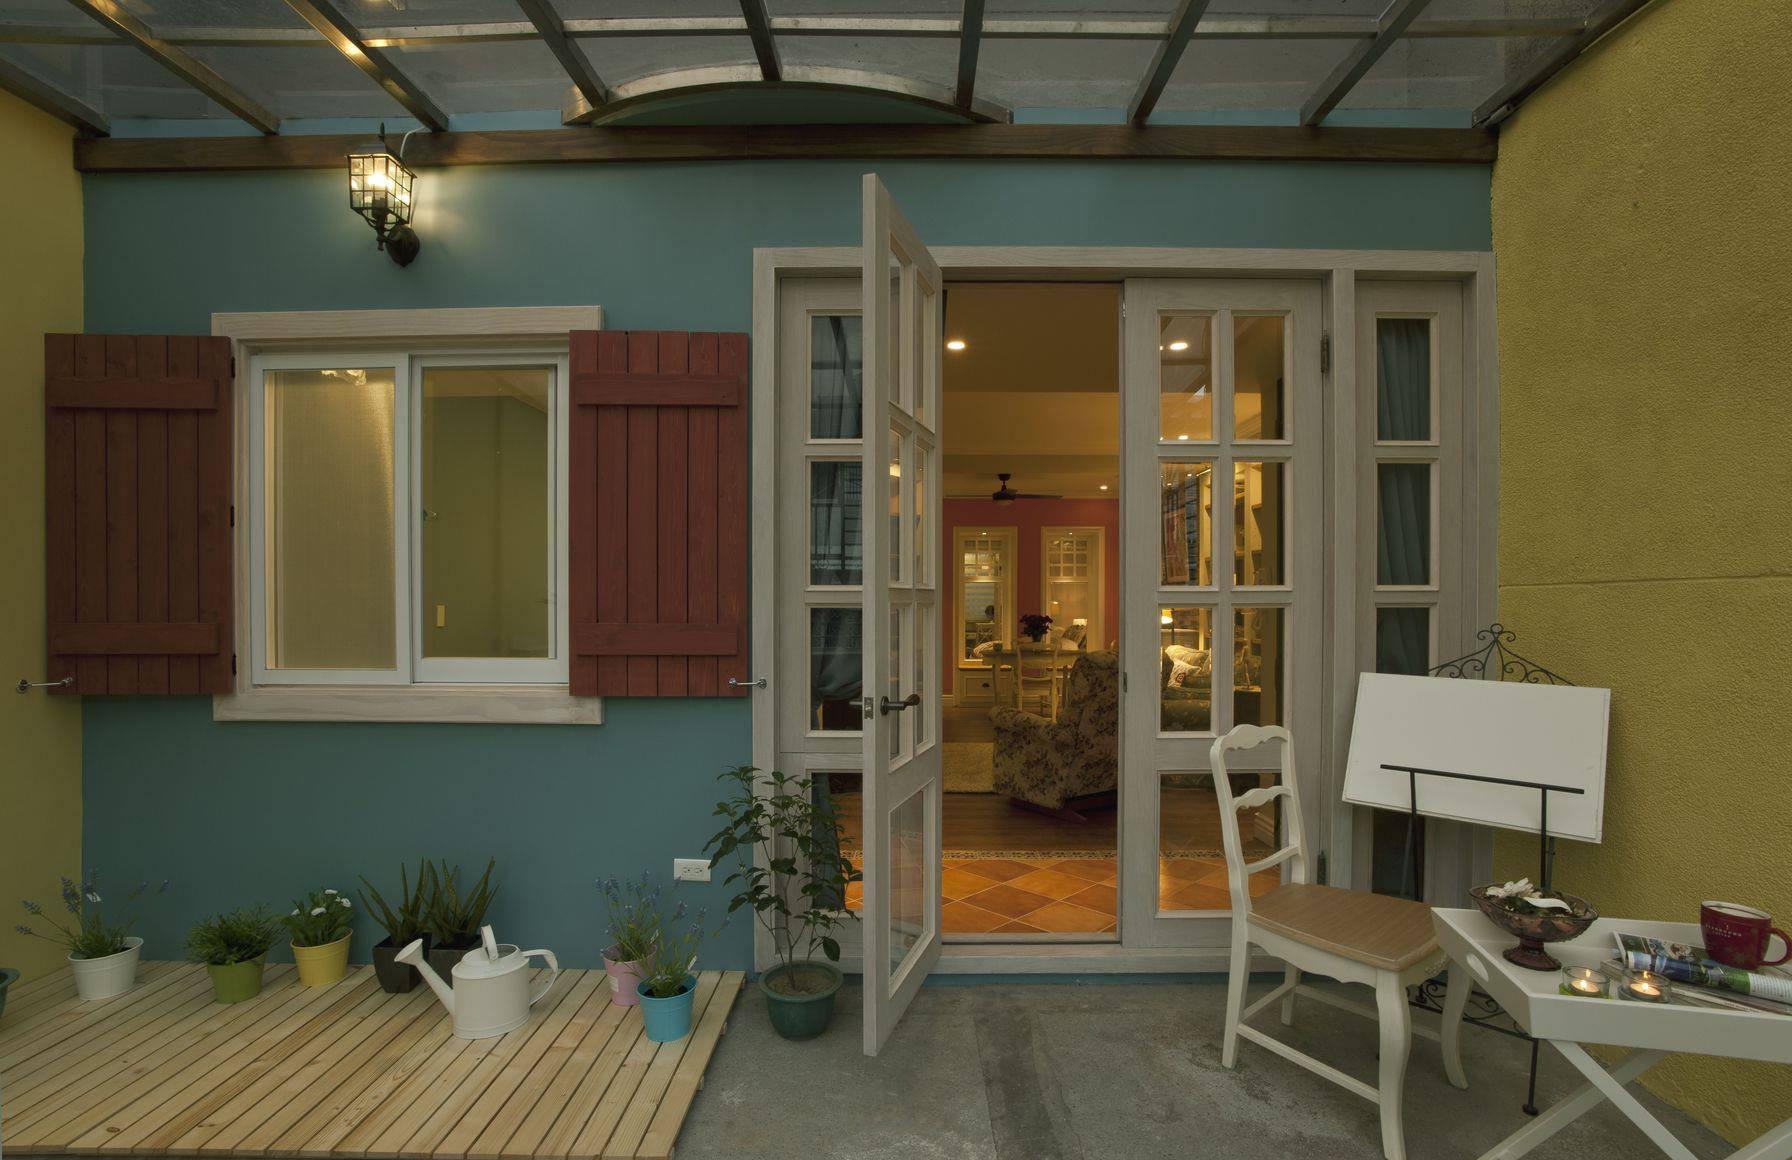 简朴田园风格室内小阳台效果图片